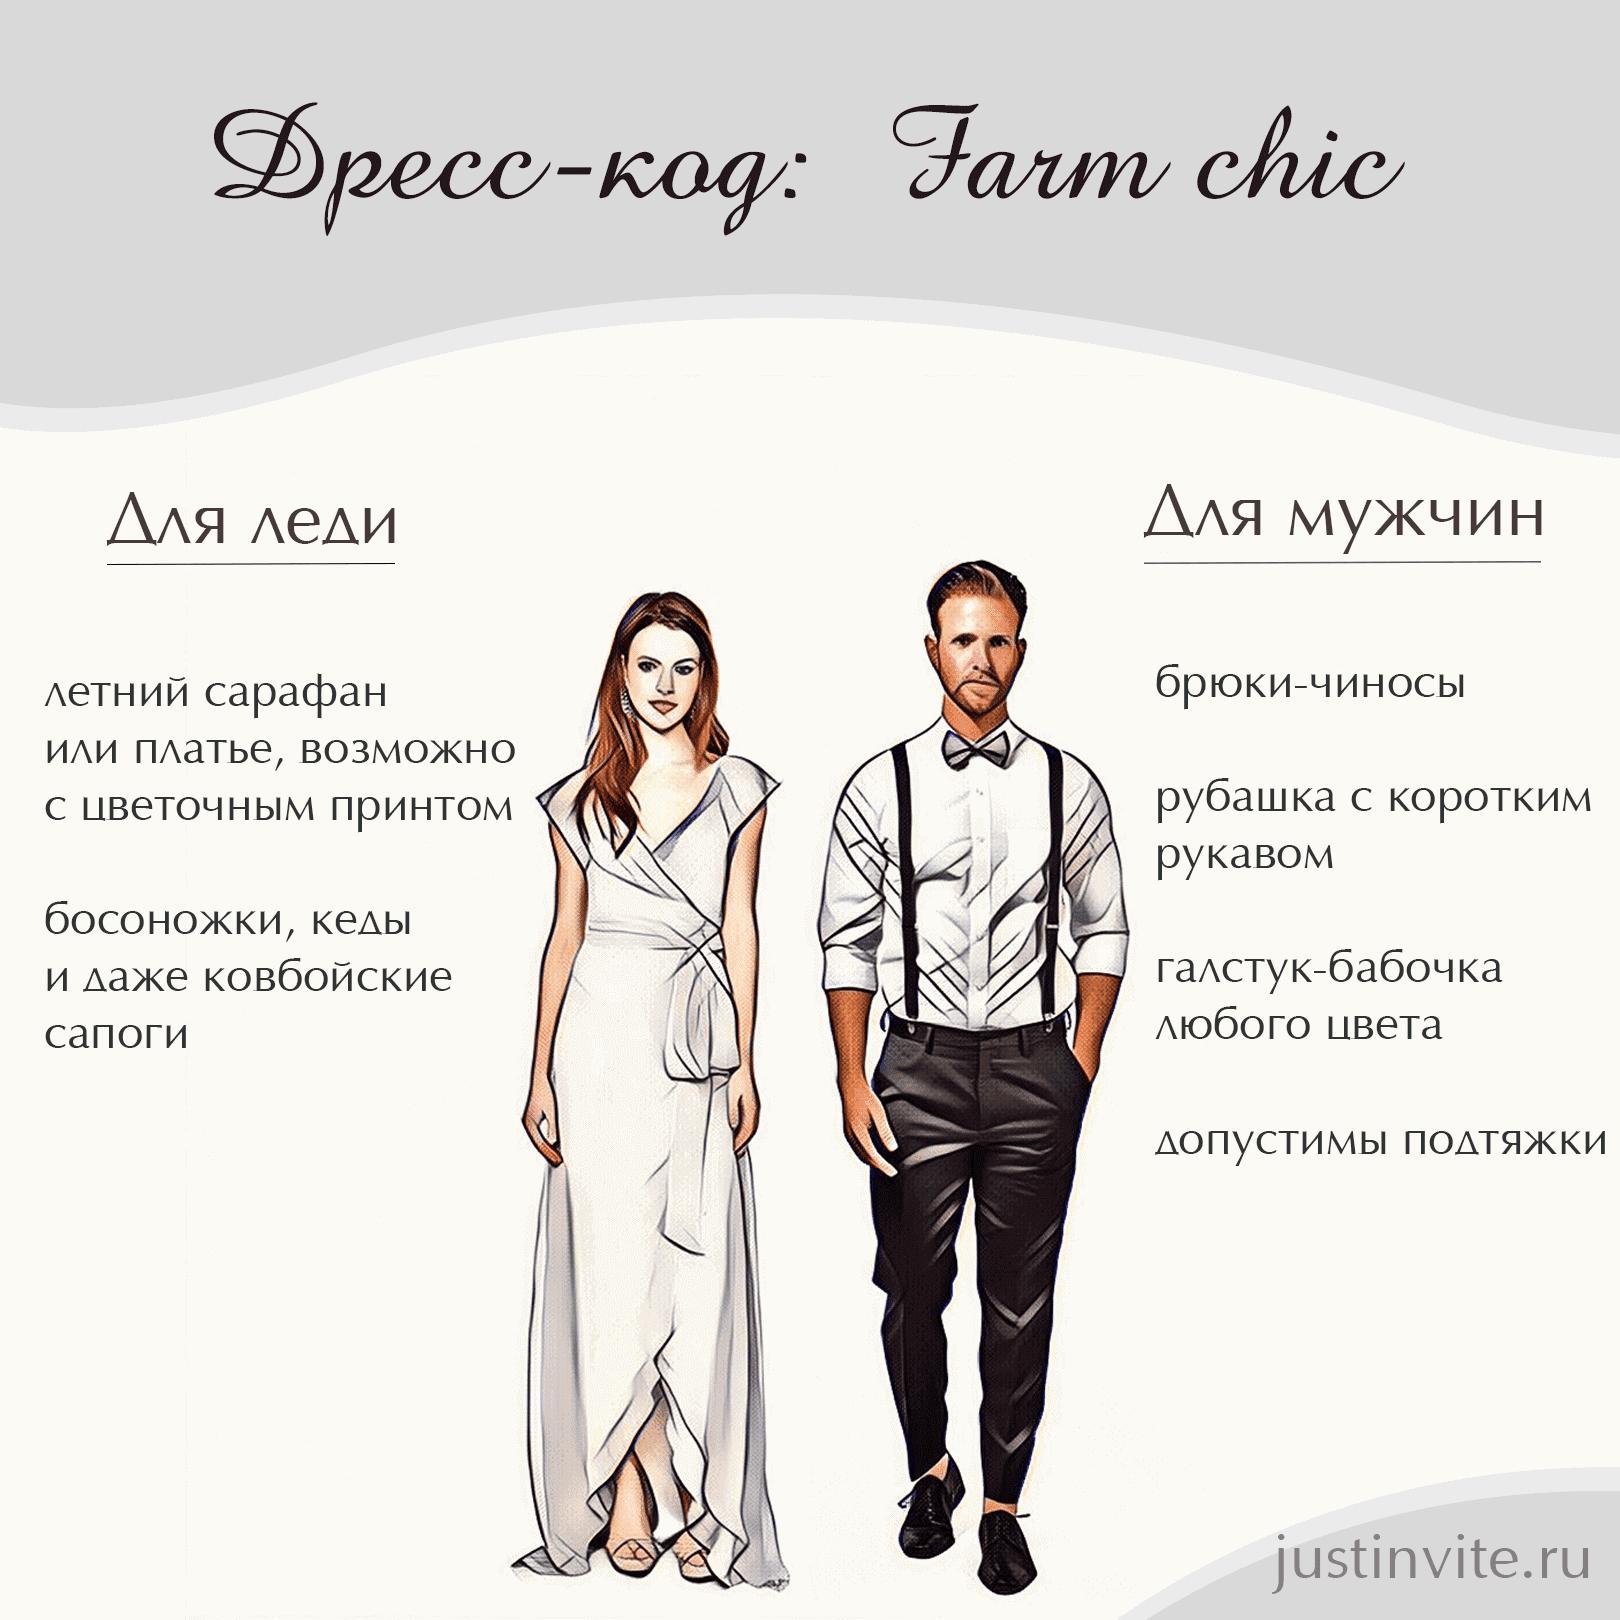 Дресс-код Farm chic для женщин и мужчин на свадьбу, день рождения или вечеринку.